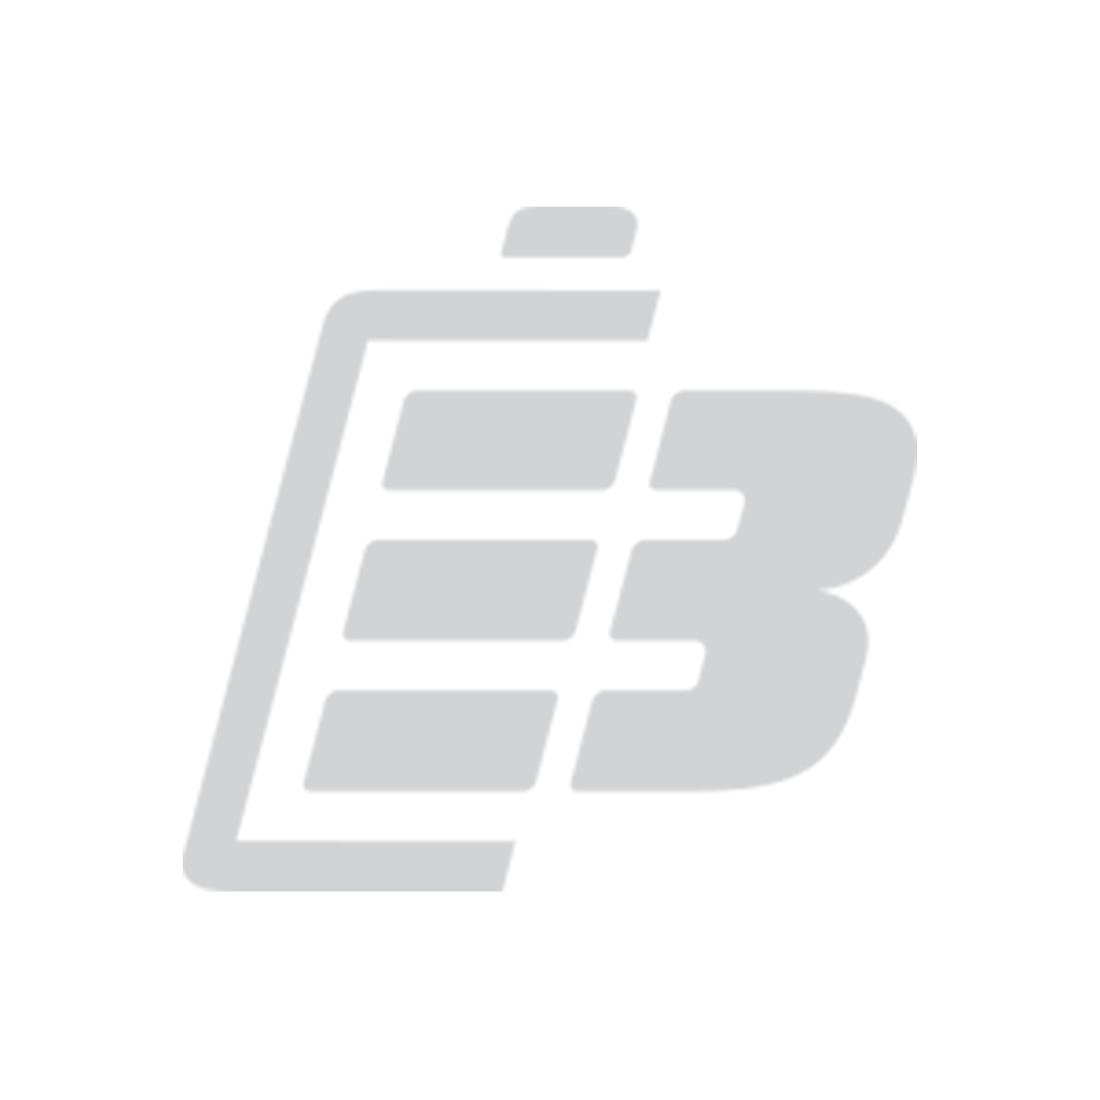 Μπαταρία smartphone Lenovo K3 Note_1